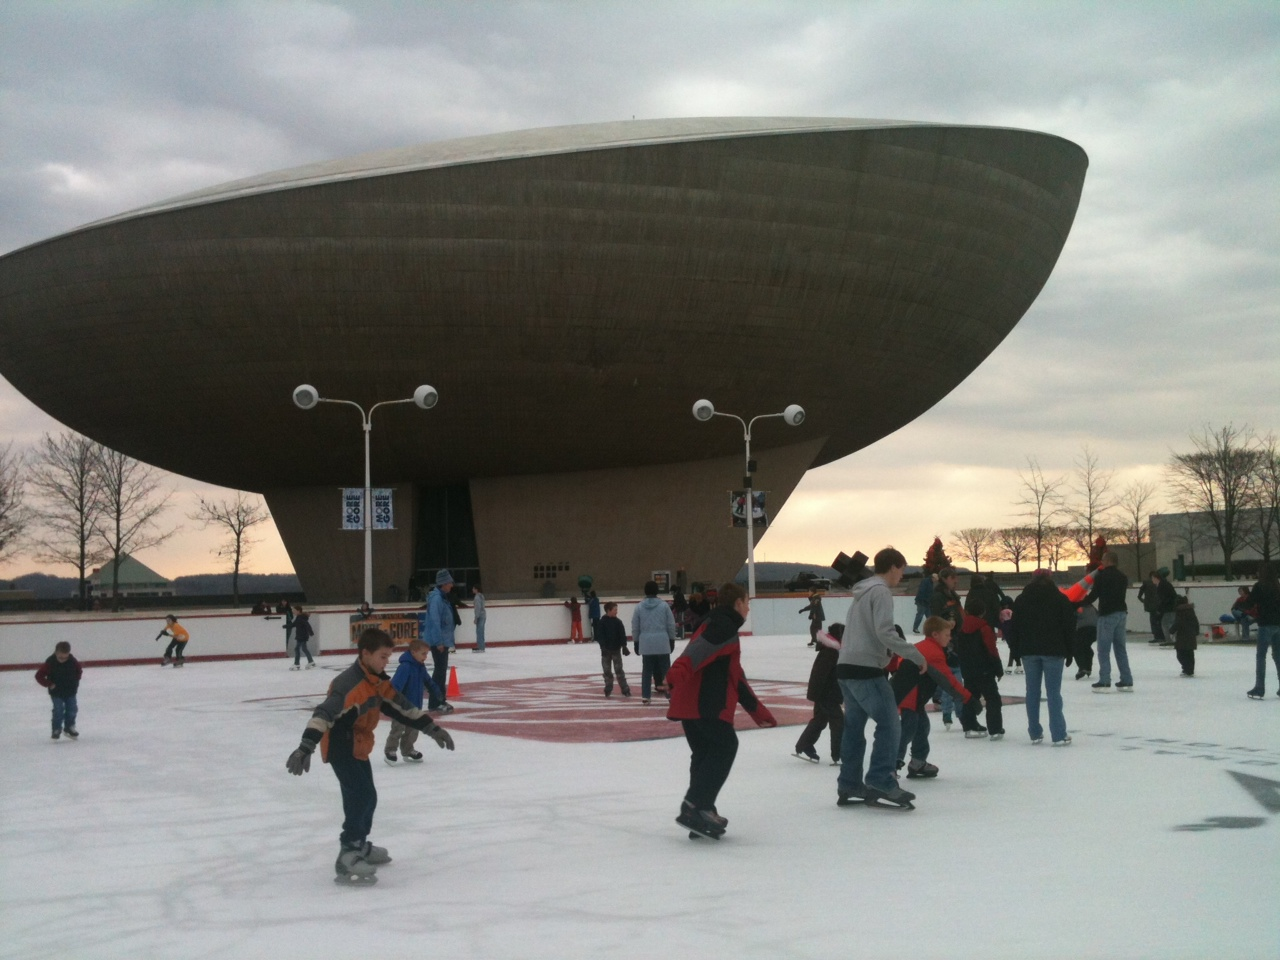 ice skating at the plaza 2012.JPG